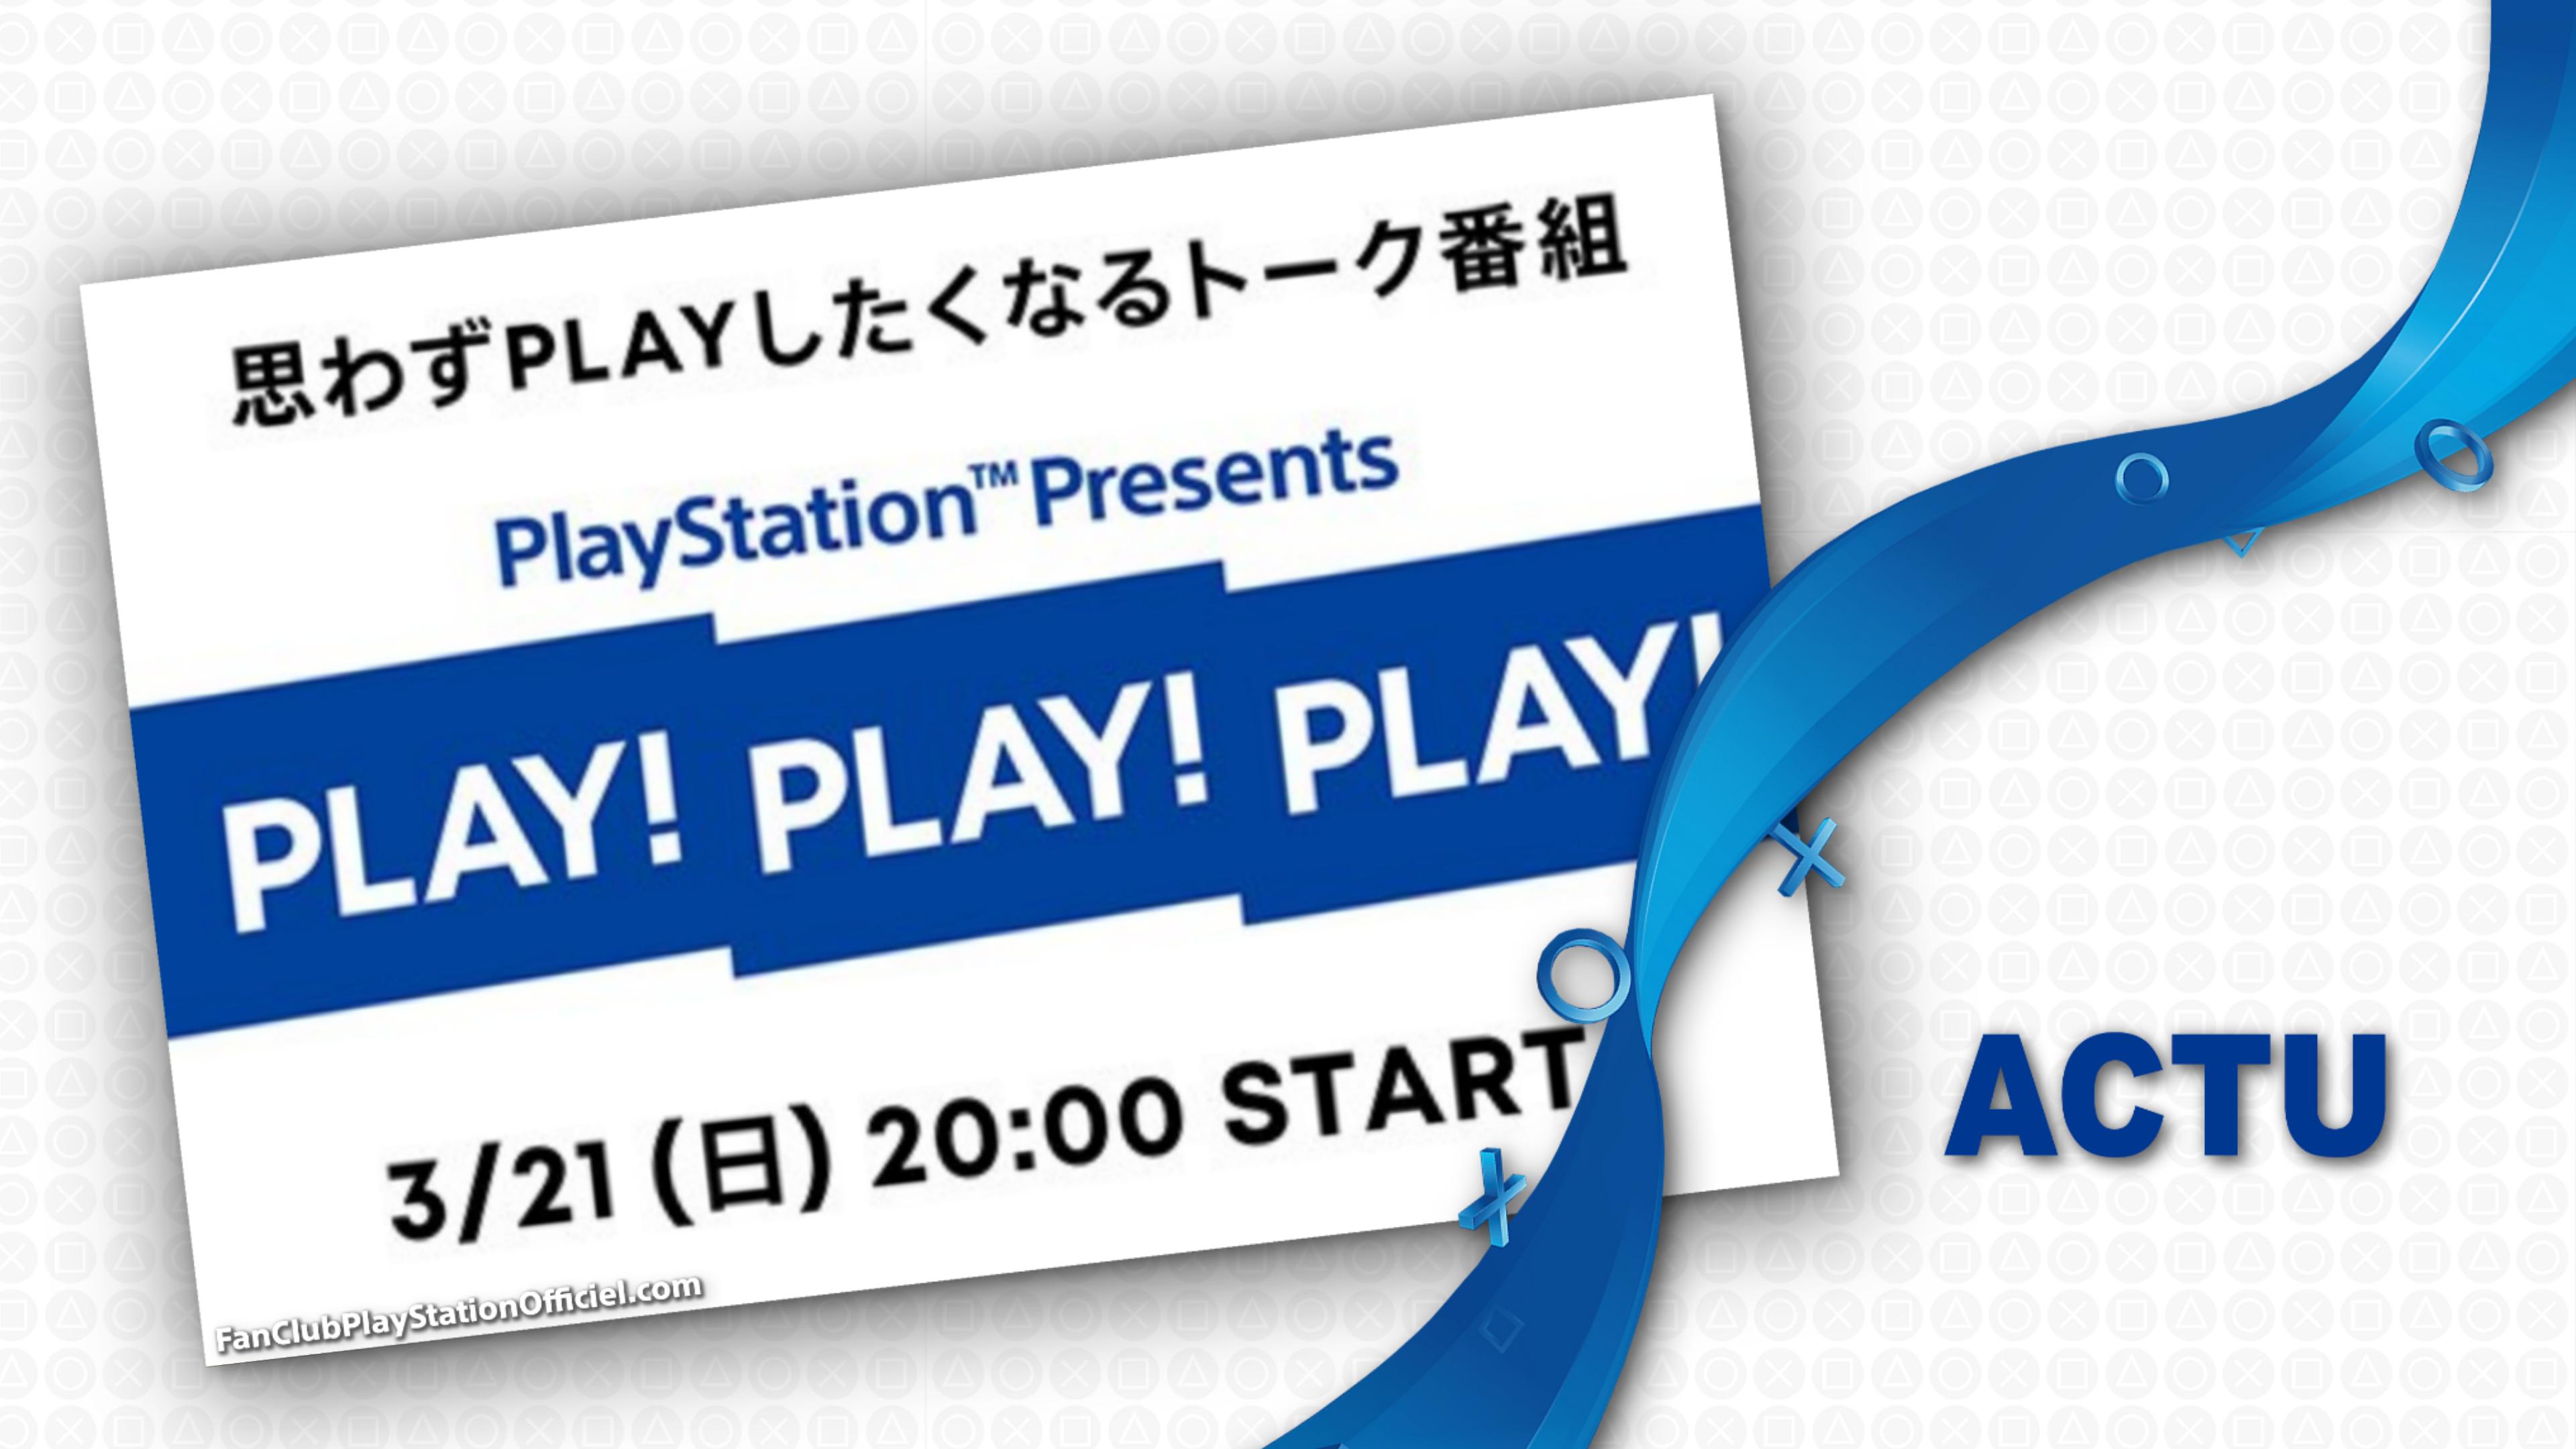 Playstation Japan: Des nouvelles informations seront dévoilées pour FFVII Remake Intergrade et Resident Evil Village